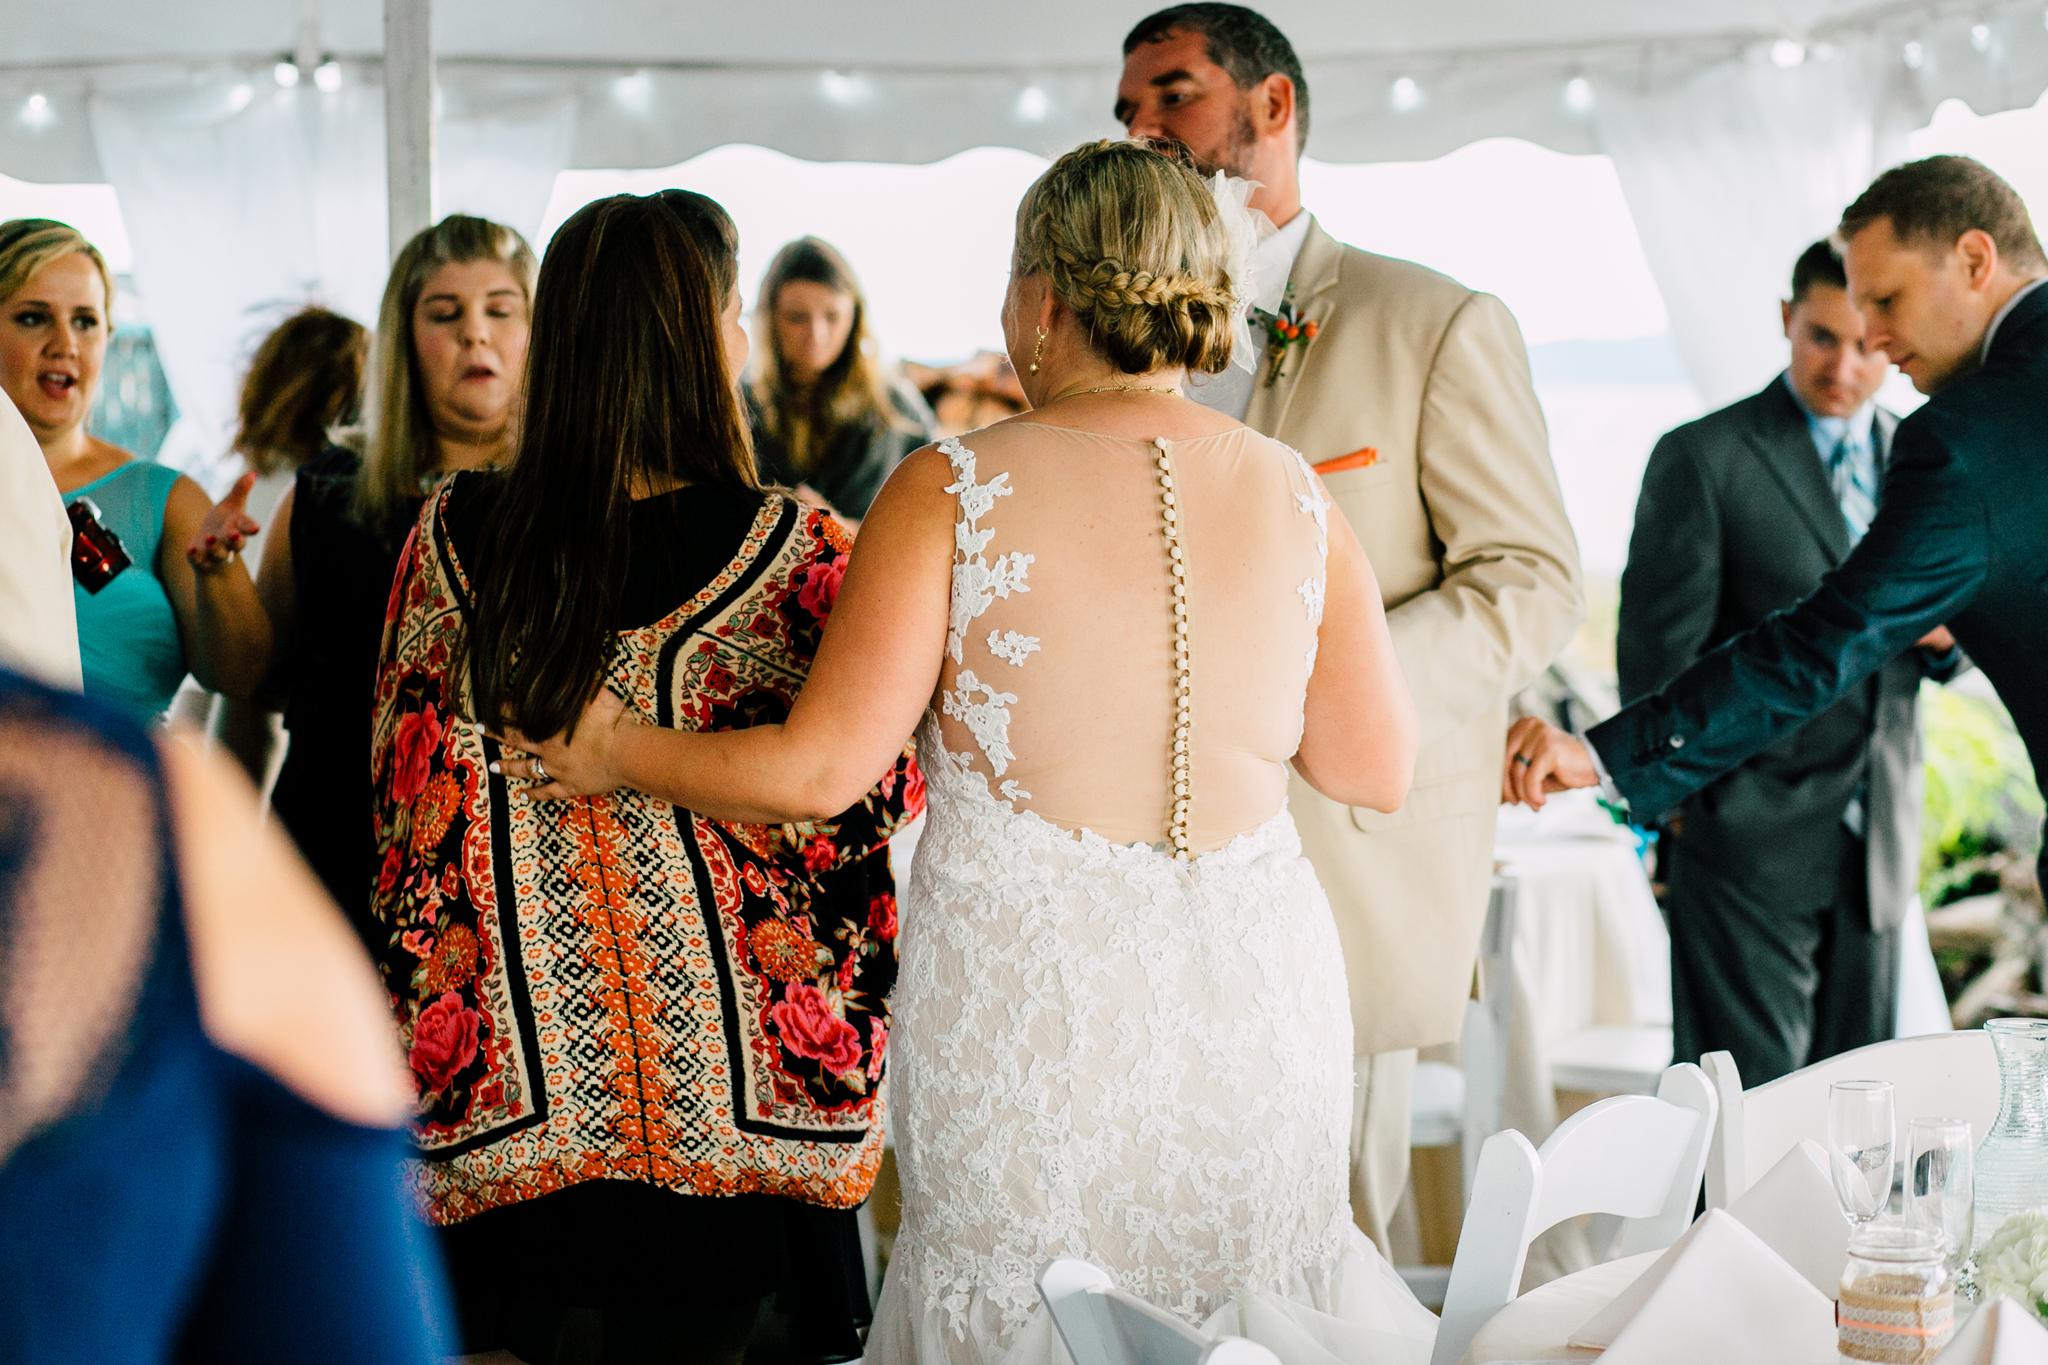 073-bellingham-wedding-photographer-beach-katheryn-moran-elisa-phillip.jpg